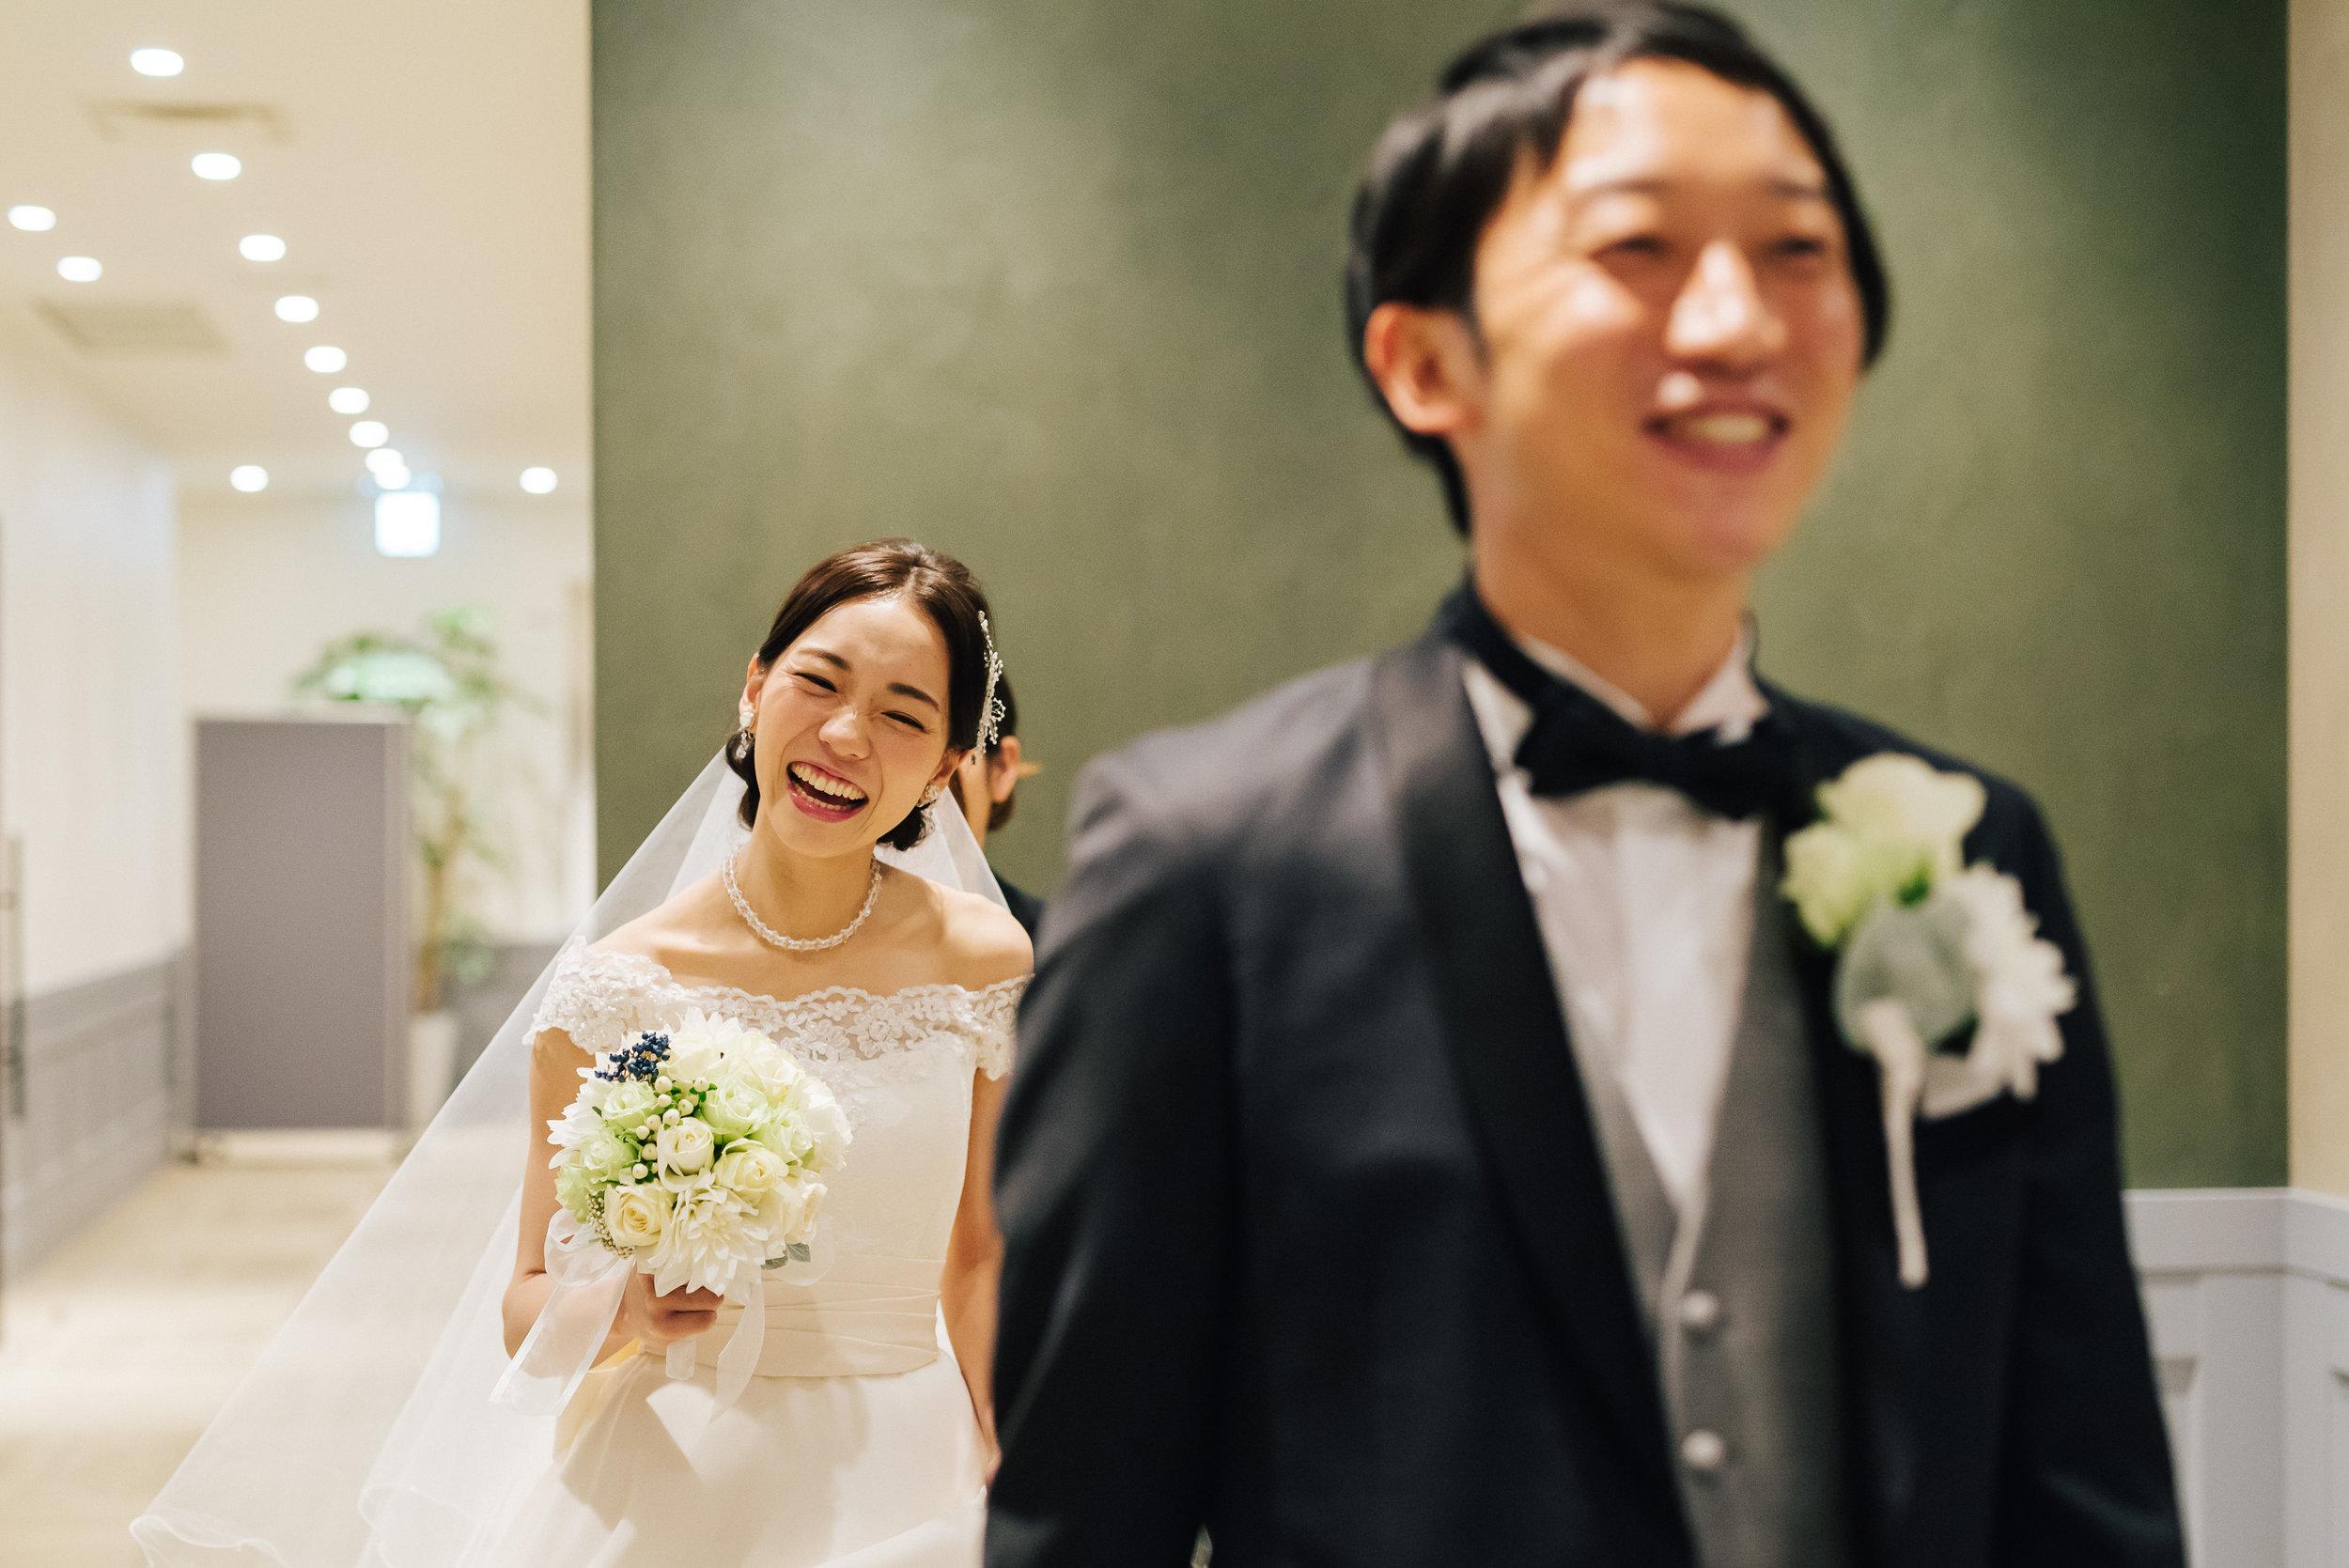 ルリエ ラシックアンジュール 結婚式撮影0098.jpg